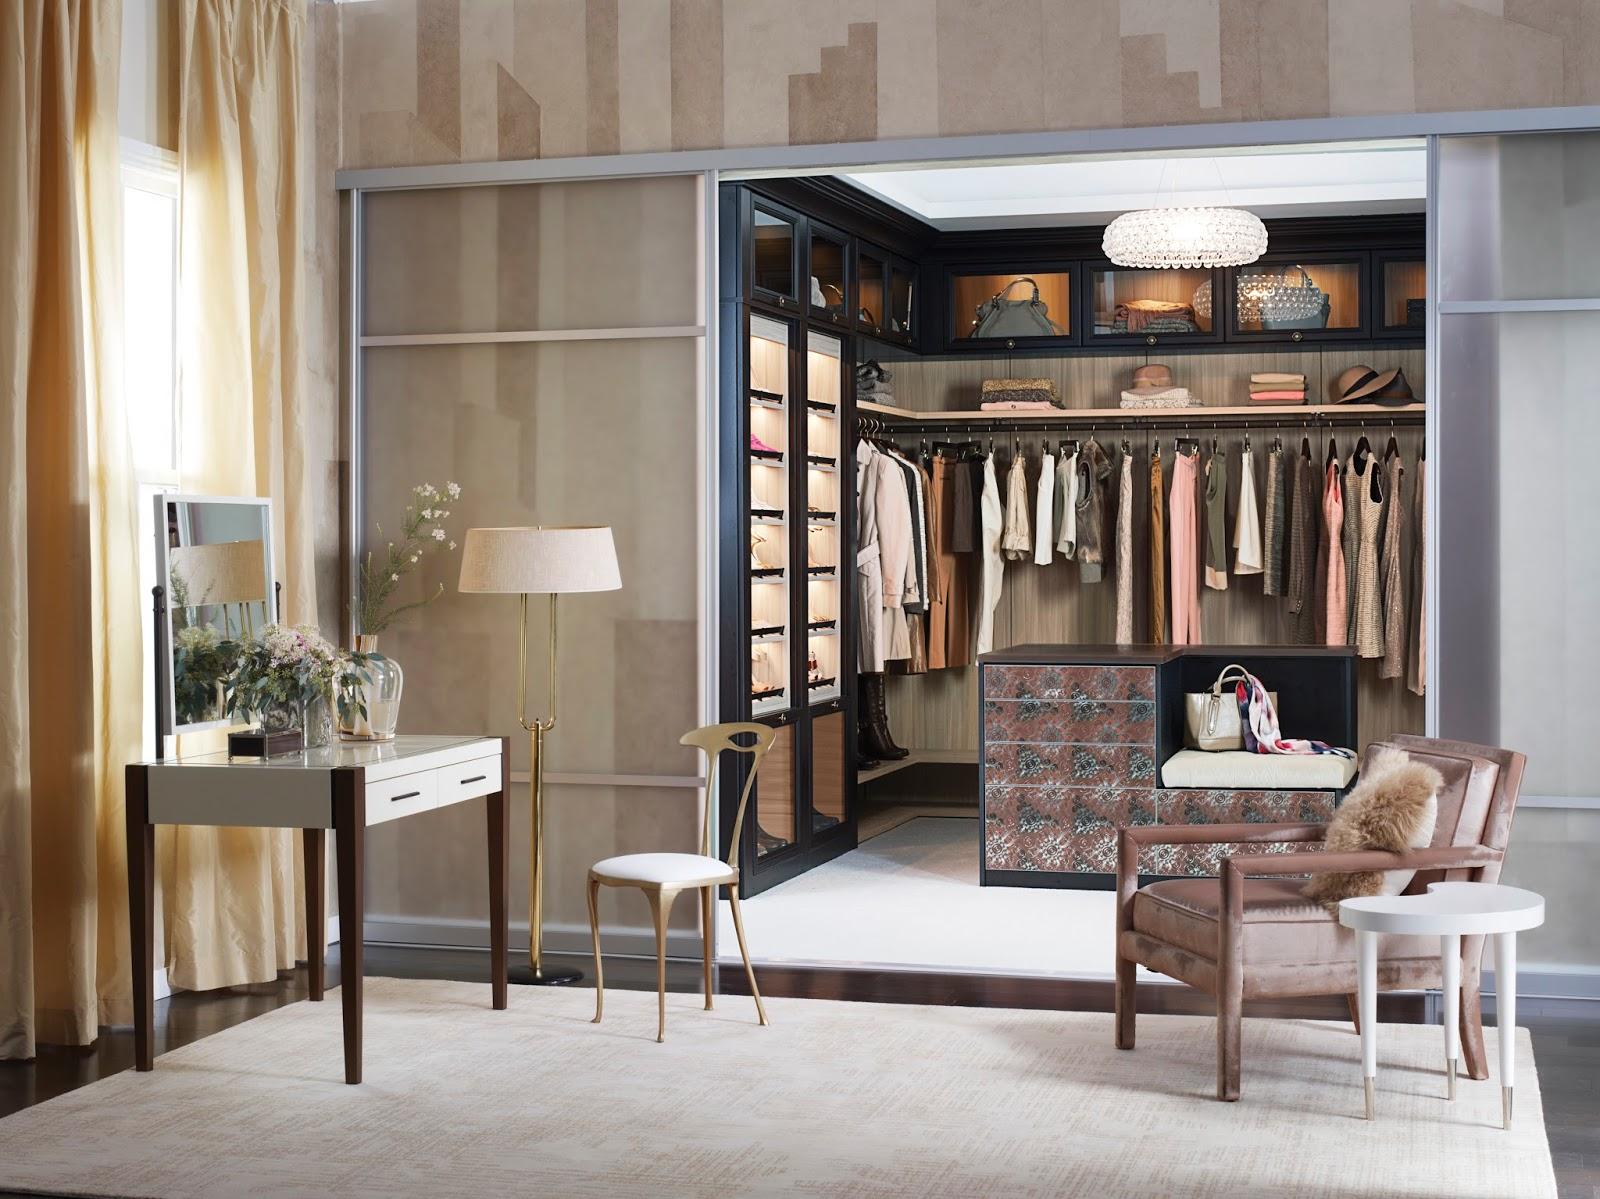 construindo minha casa clean closets pequenos e grandes com bancadas de make. Black Bedroom Furniture Sets. Home Design Ideas